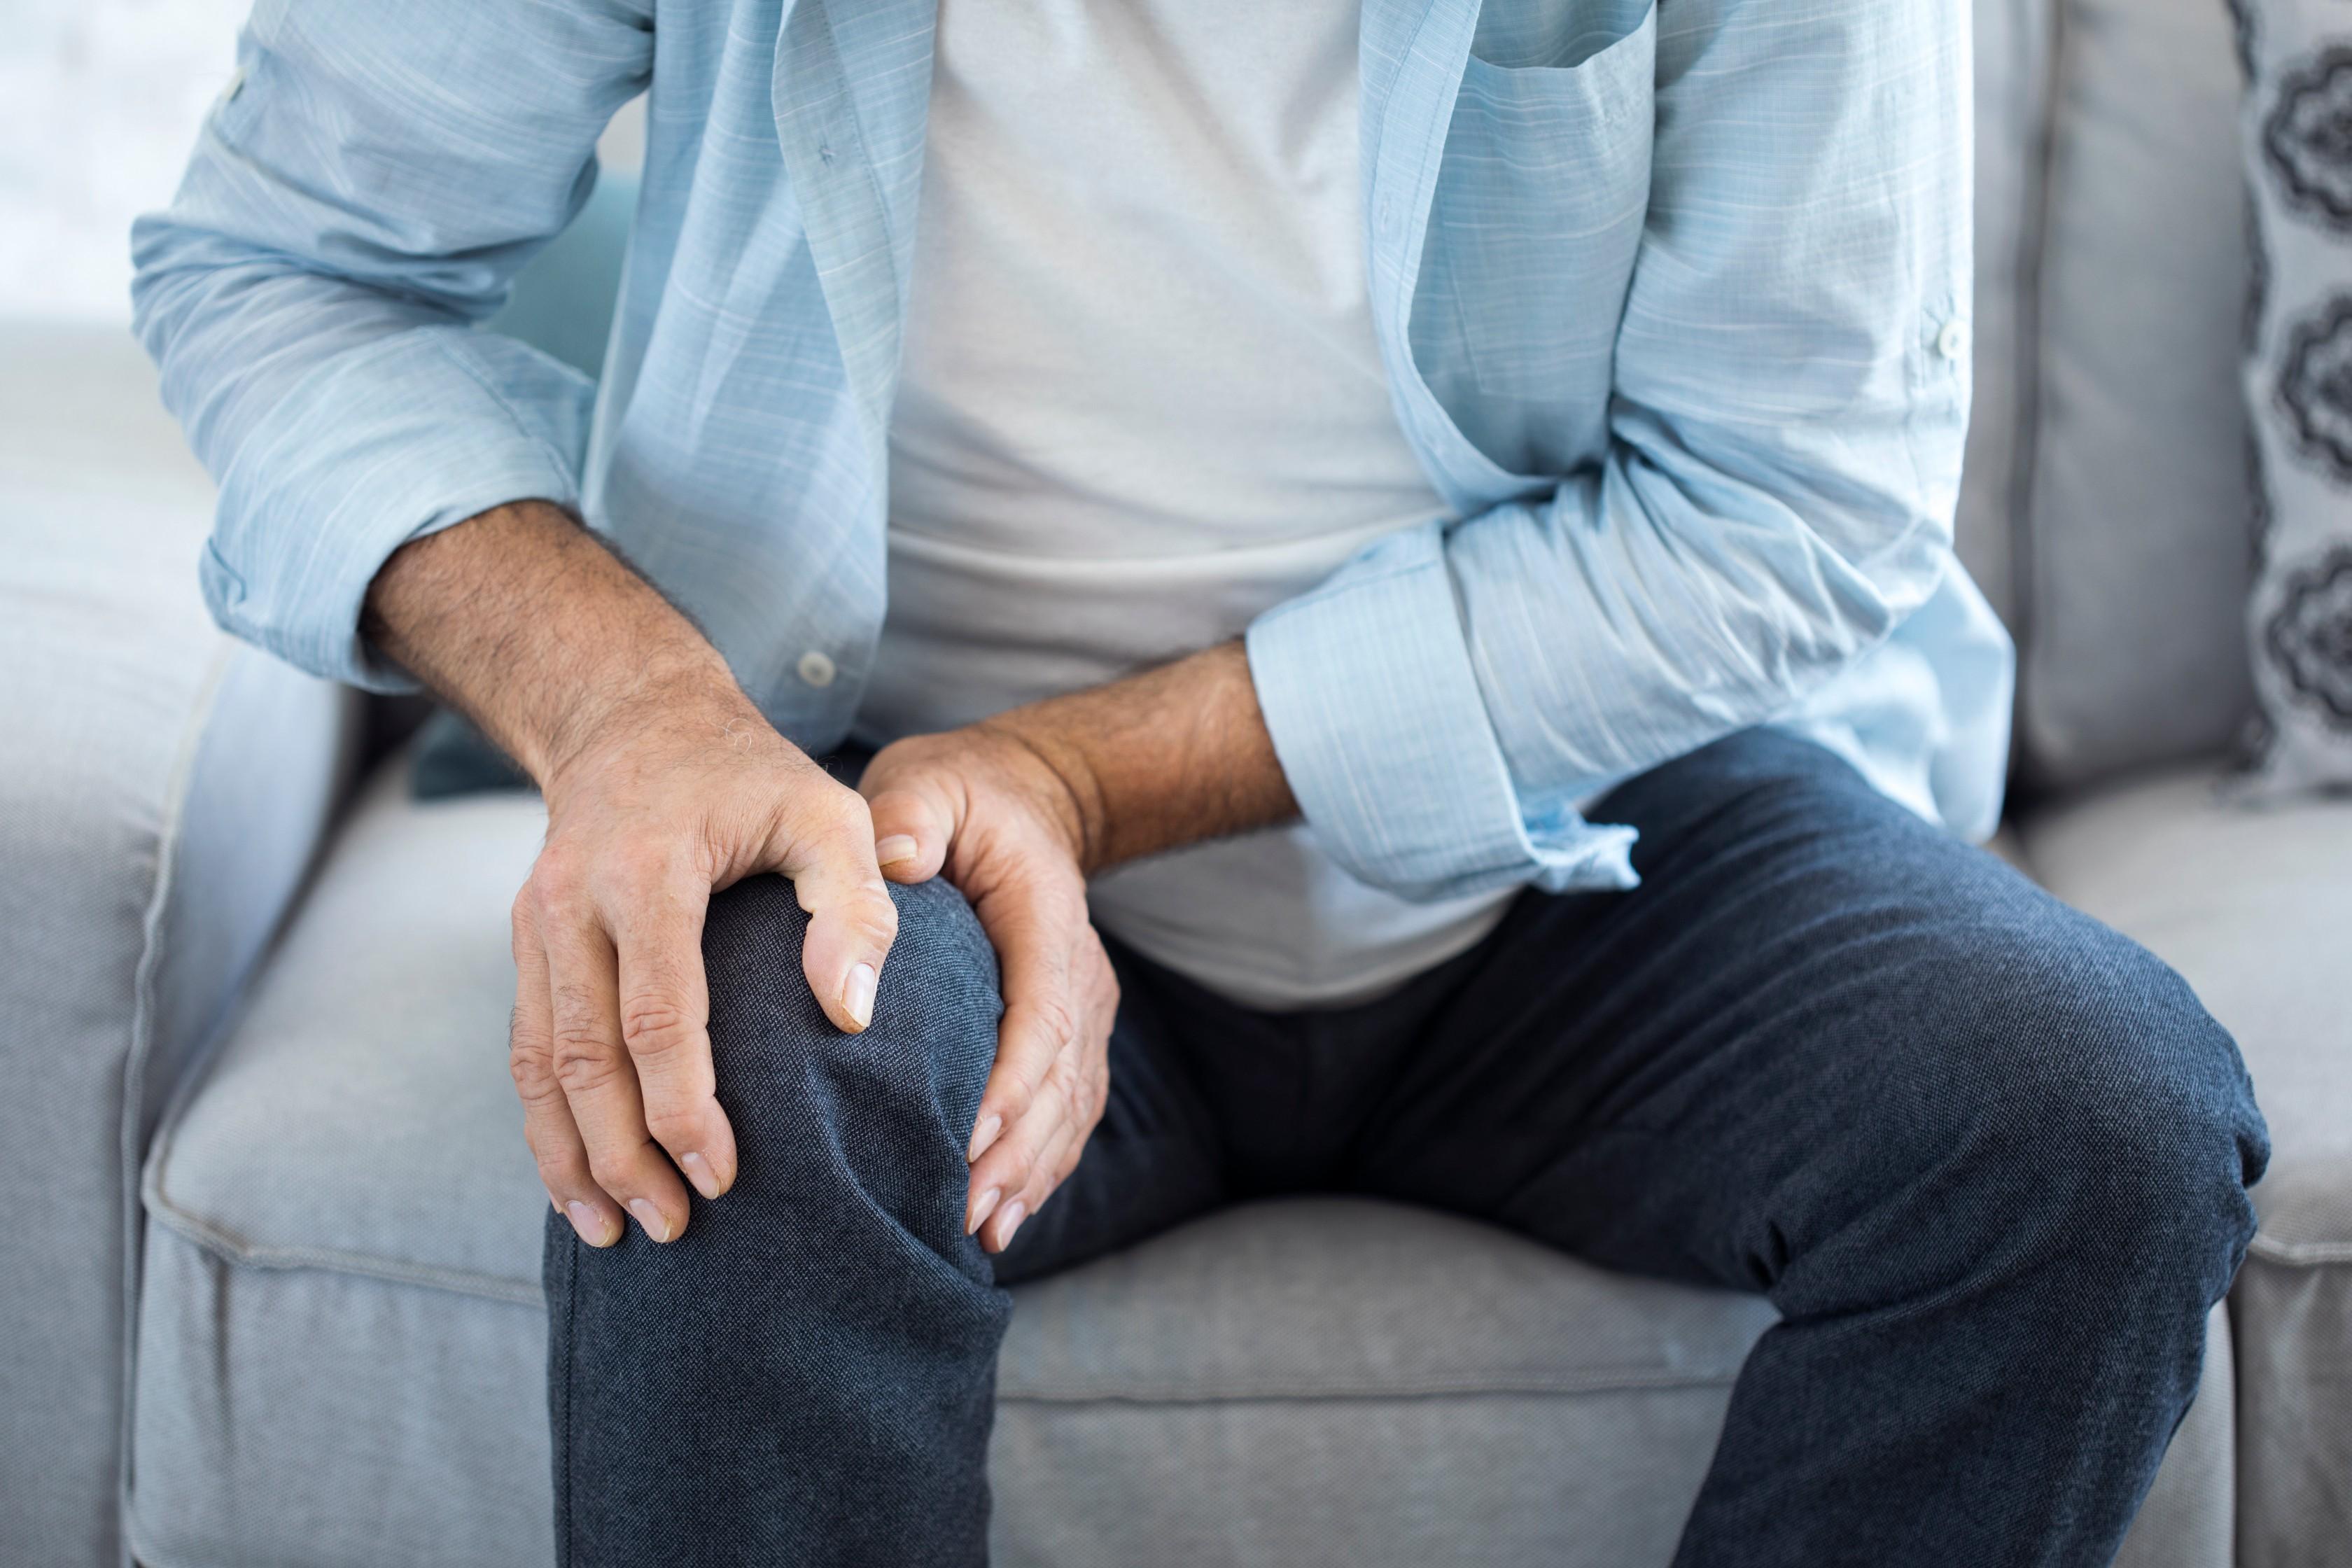 Az interosztális neuralgia elleni szerek: tünetek és okok - Migrén July